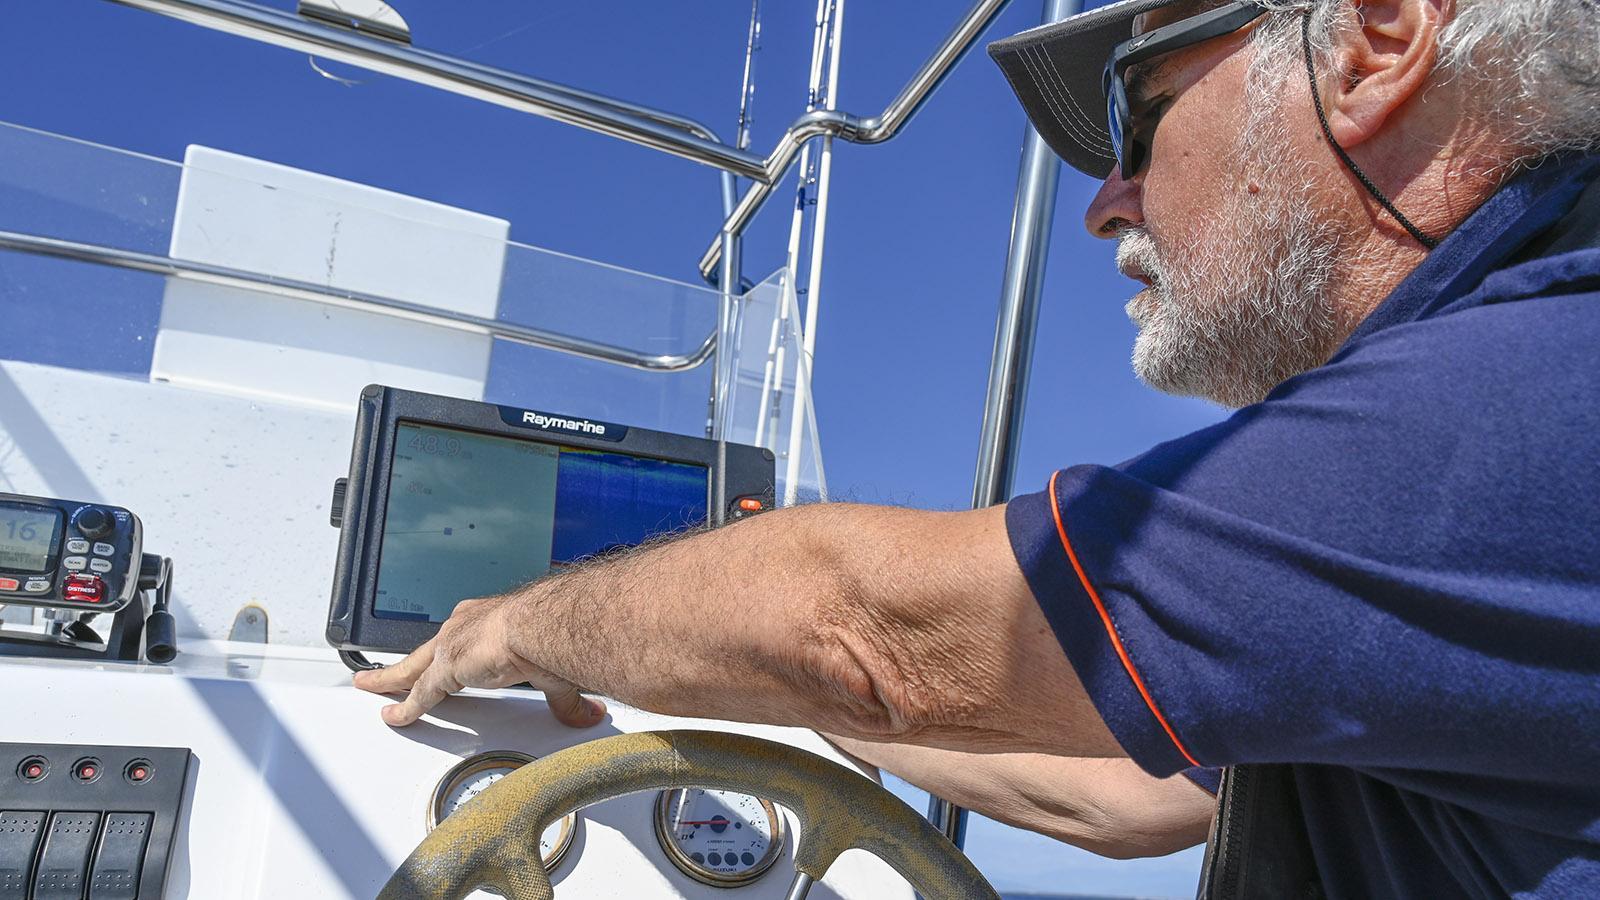 Das Echolot verrät Patrick Valdivia, ob und wo Fische zu finden sind. Foto: Hilke Maunder